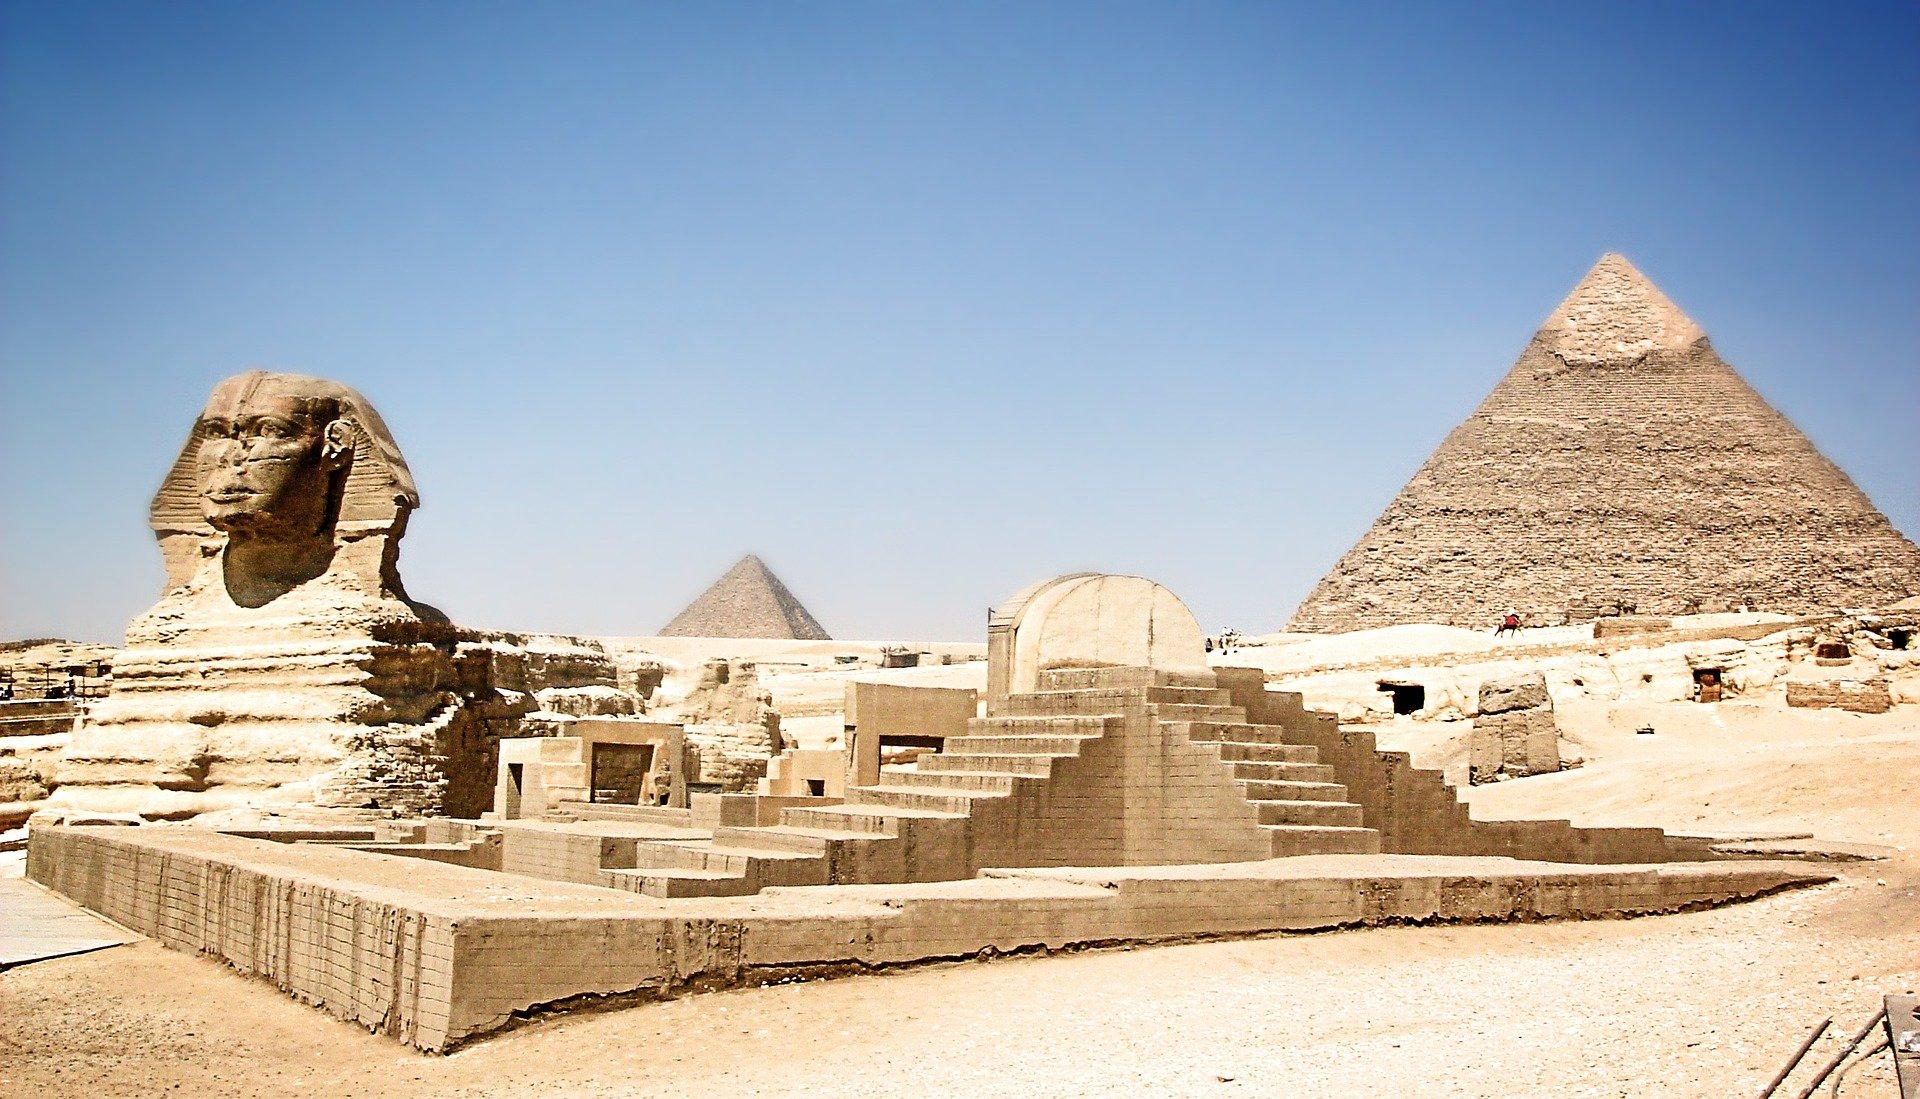 Le Sphinx et les pyramides de la nécropole de Gizeh